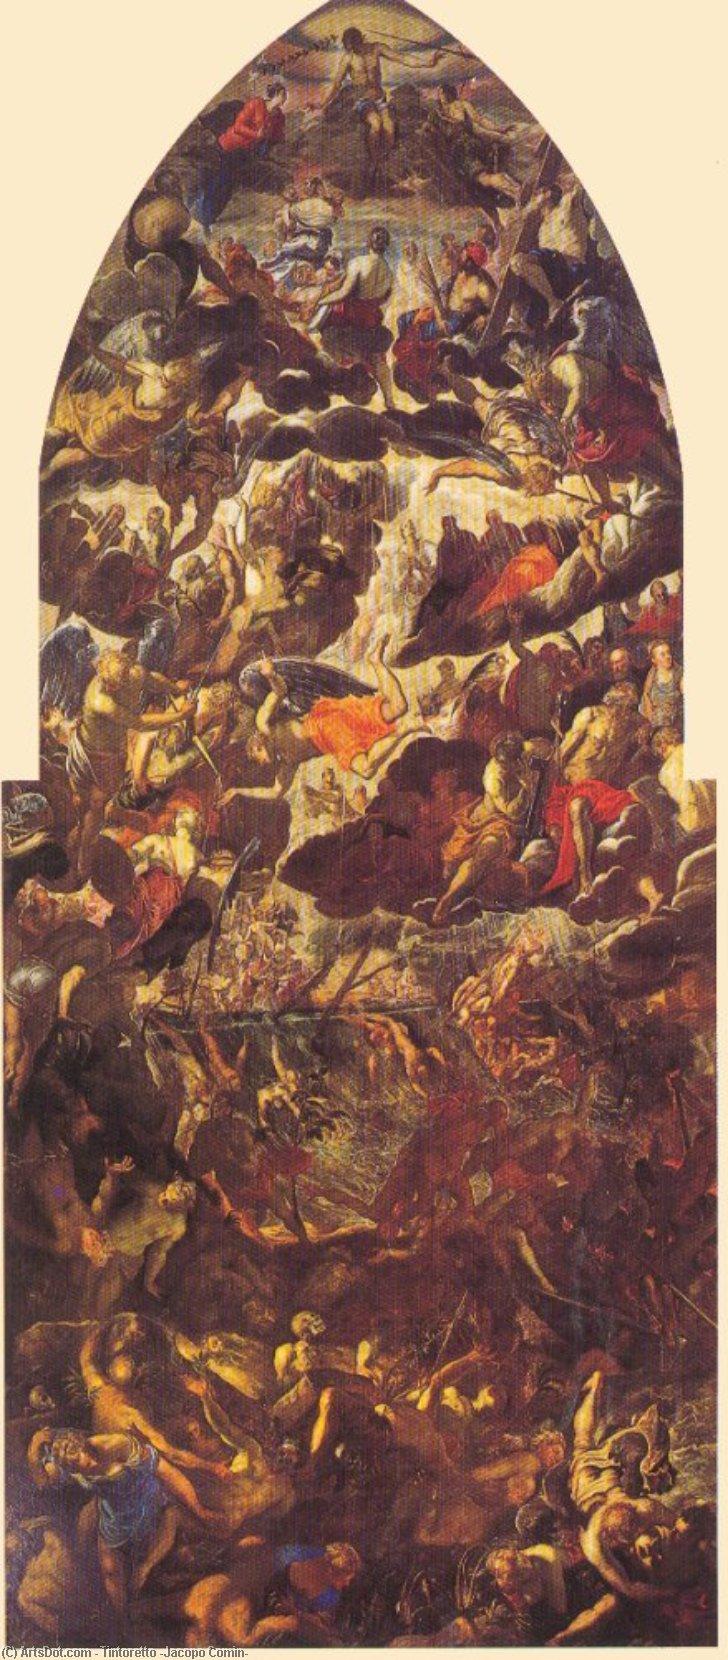 Wikioo.org – La Enciclopedia de las Bellas Artes - Pintura, Obras de arte de Tintoretto (Jacopo Comin) - Juicio Final